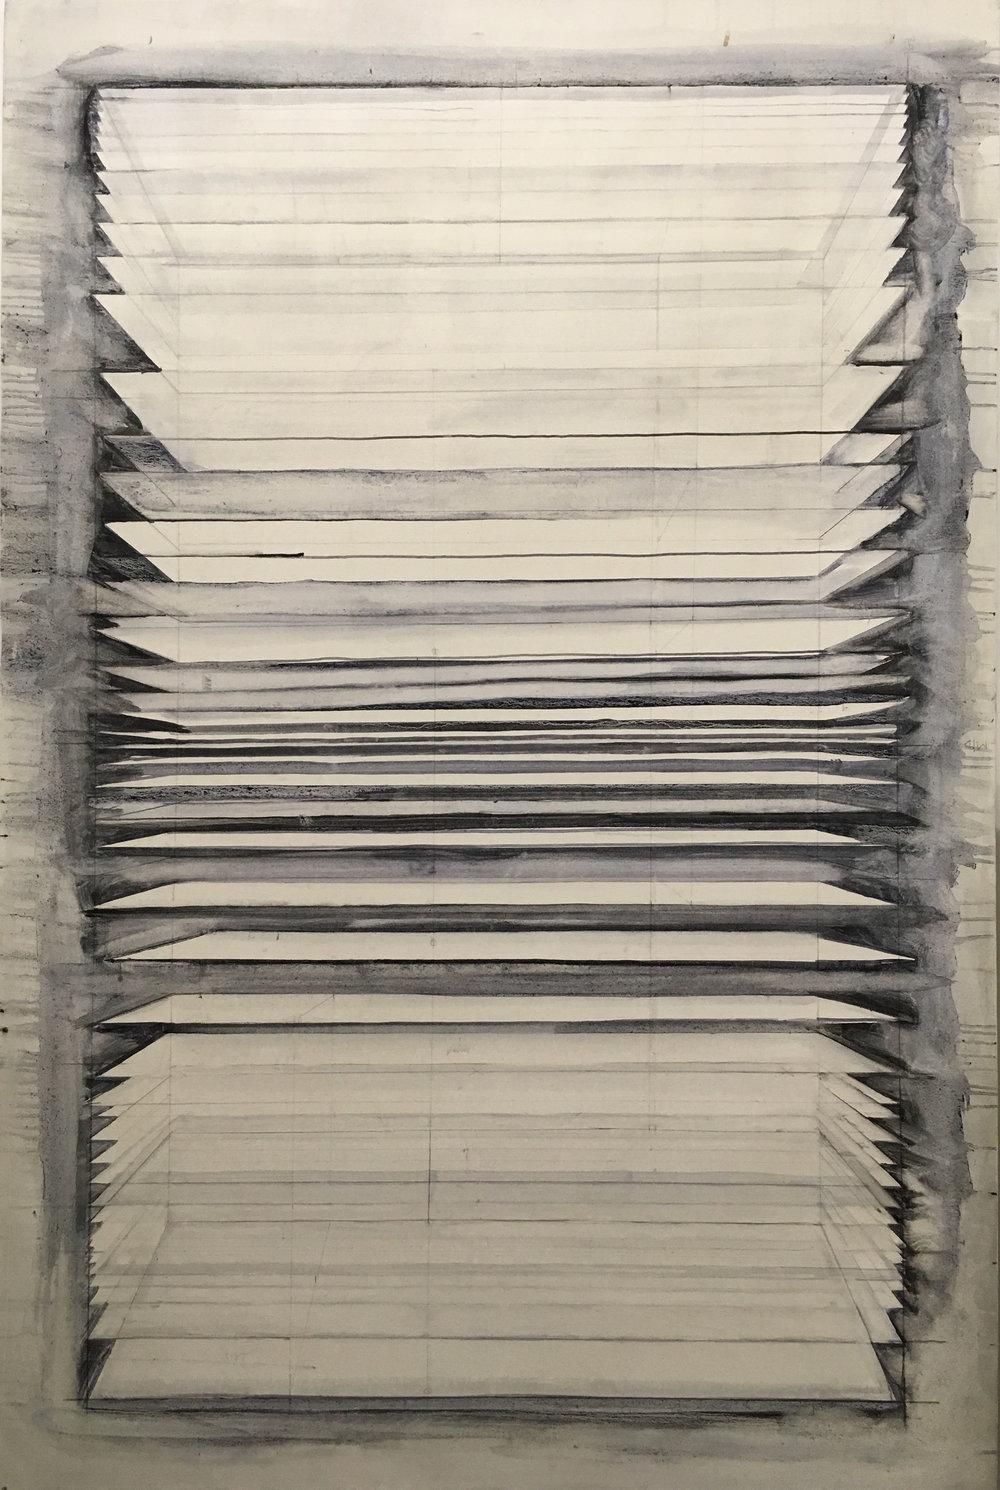 Daniel Nel  Book  Oil on canvas  180 x 119.5cm